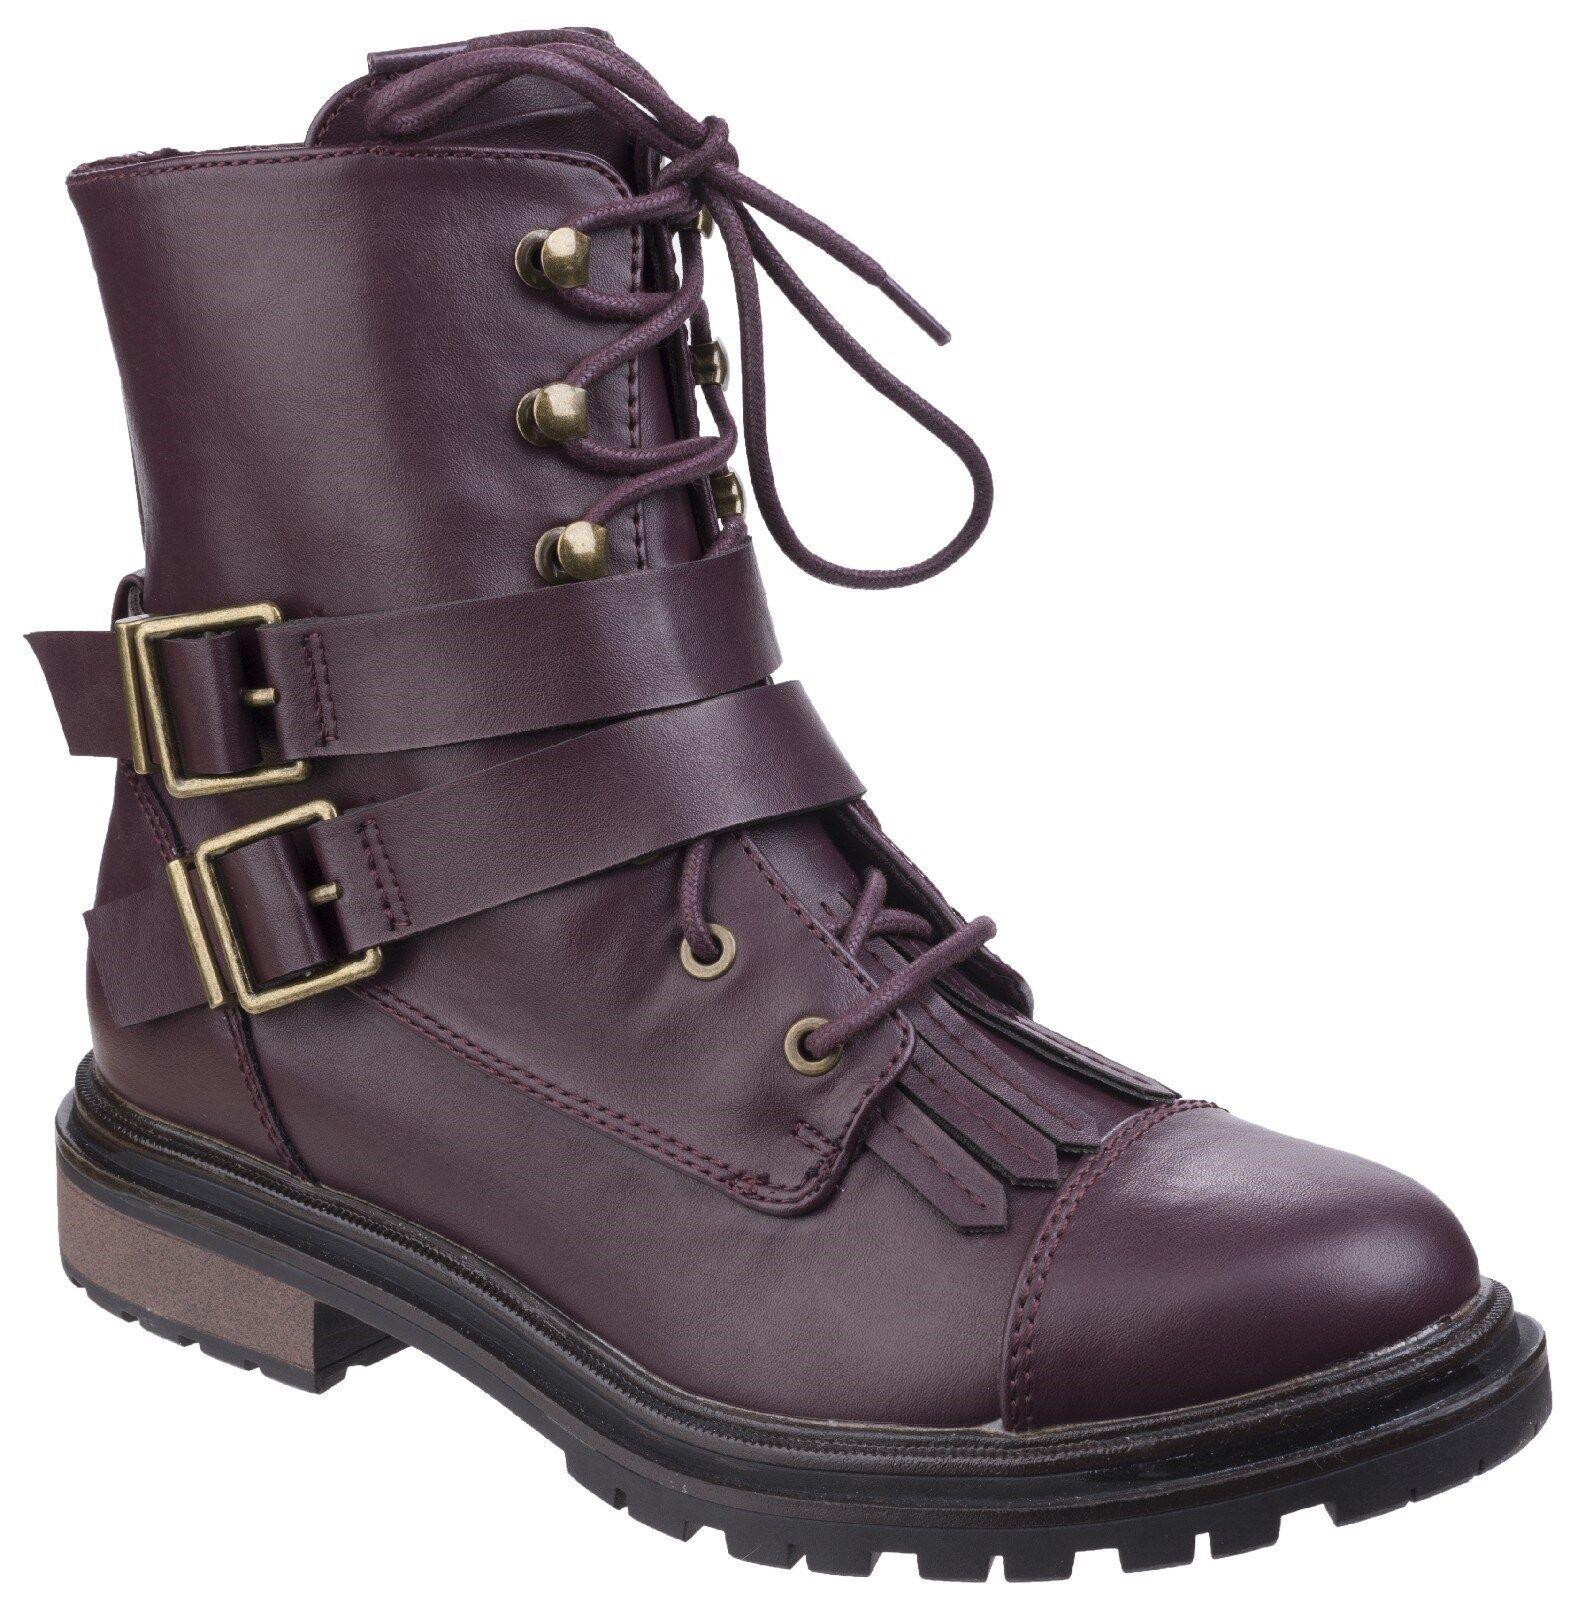 Rocket Dog botas de combate LaCie para Mujer Hebilla De De De Encaje Zapatos De Moda Con Cremallera Lateral 1af911